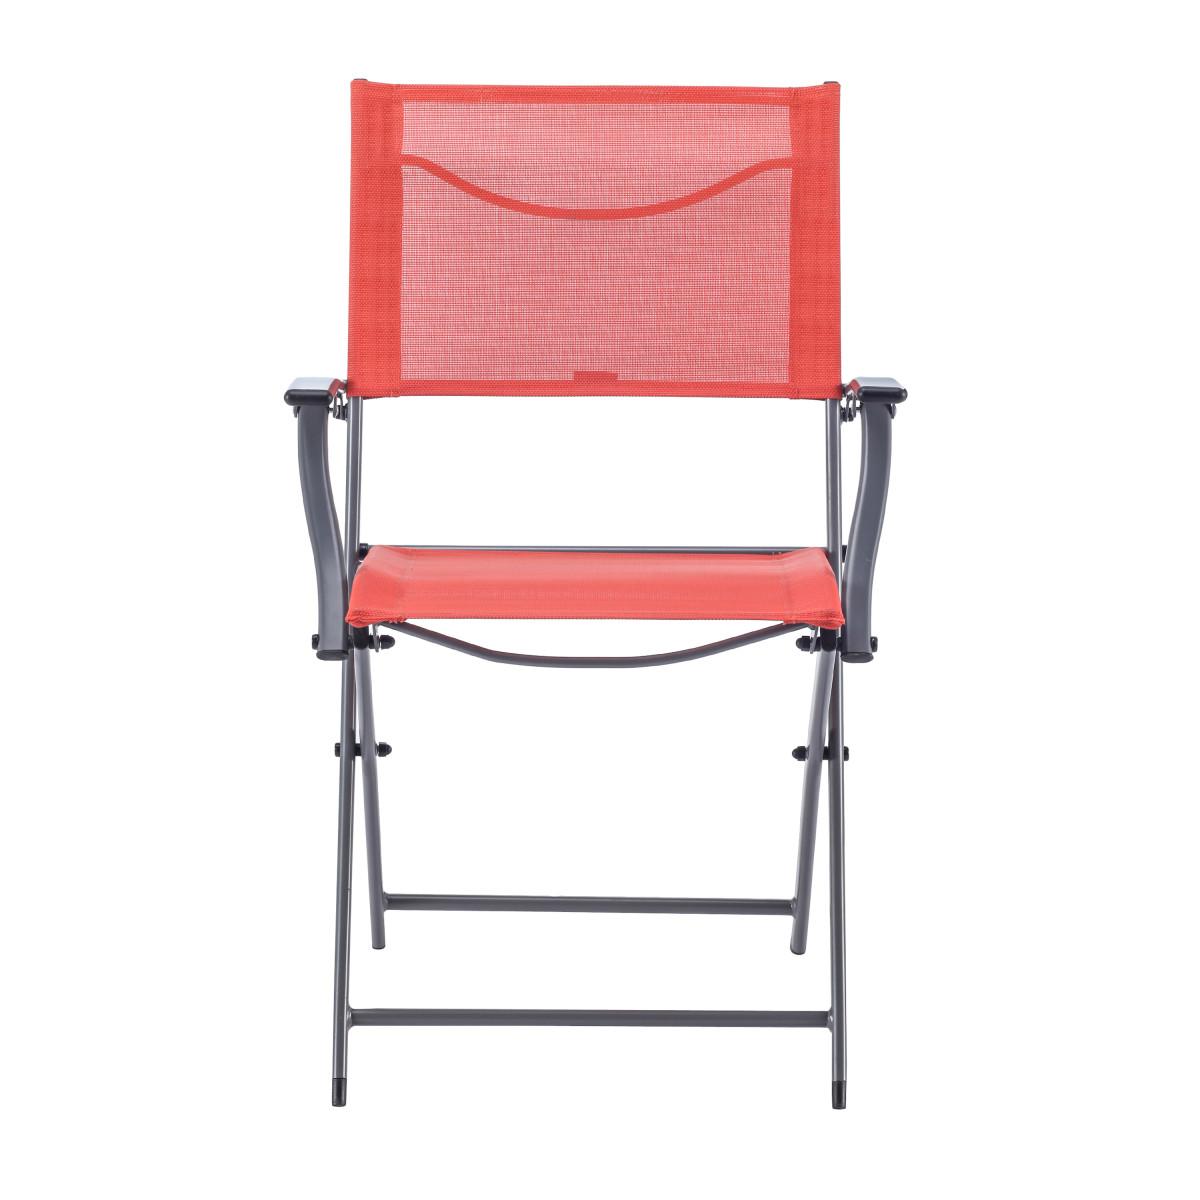 Кресло Naterial Emys Origami Складное 54Х52Х83 Сталь Красный